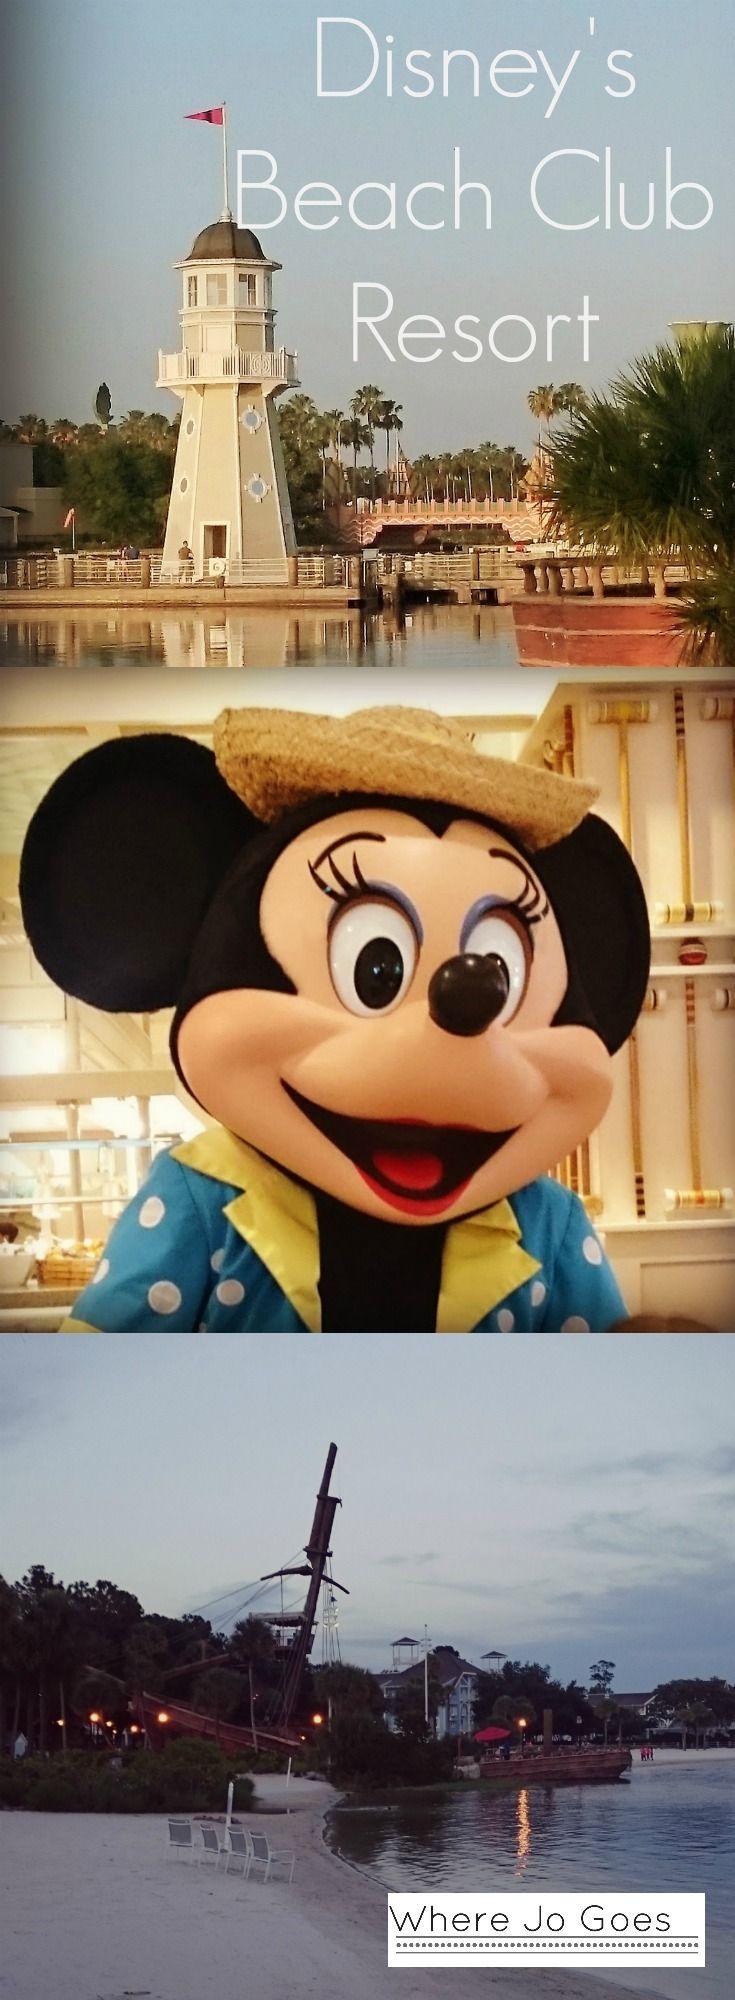 Disney Beach Club Resort, Orlando, Florida  Review Disney Beach Club Resort  Walt Disney World, Florida  Hotels Disneyworld